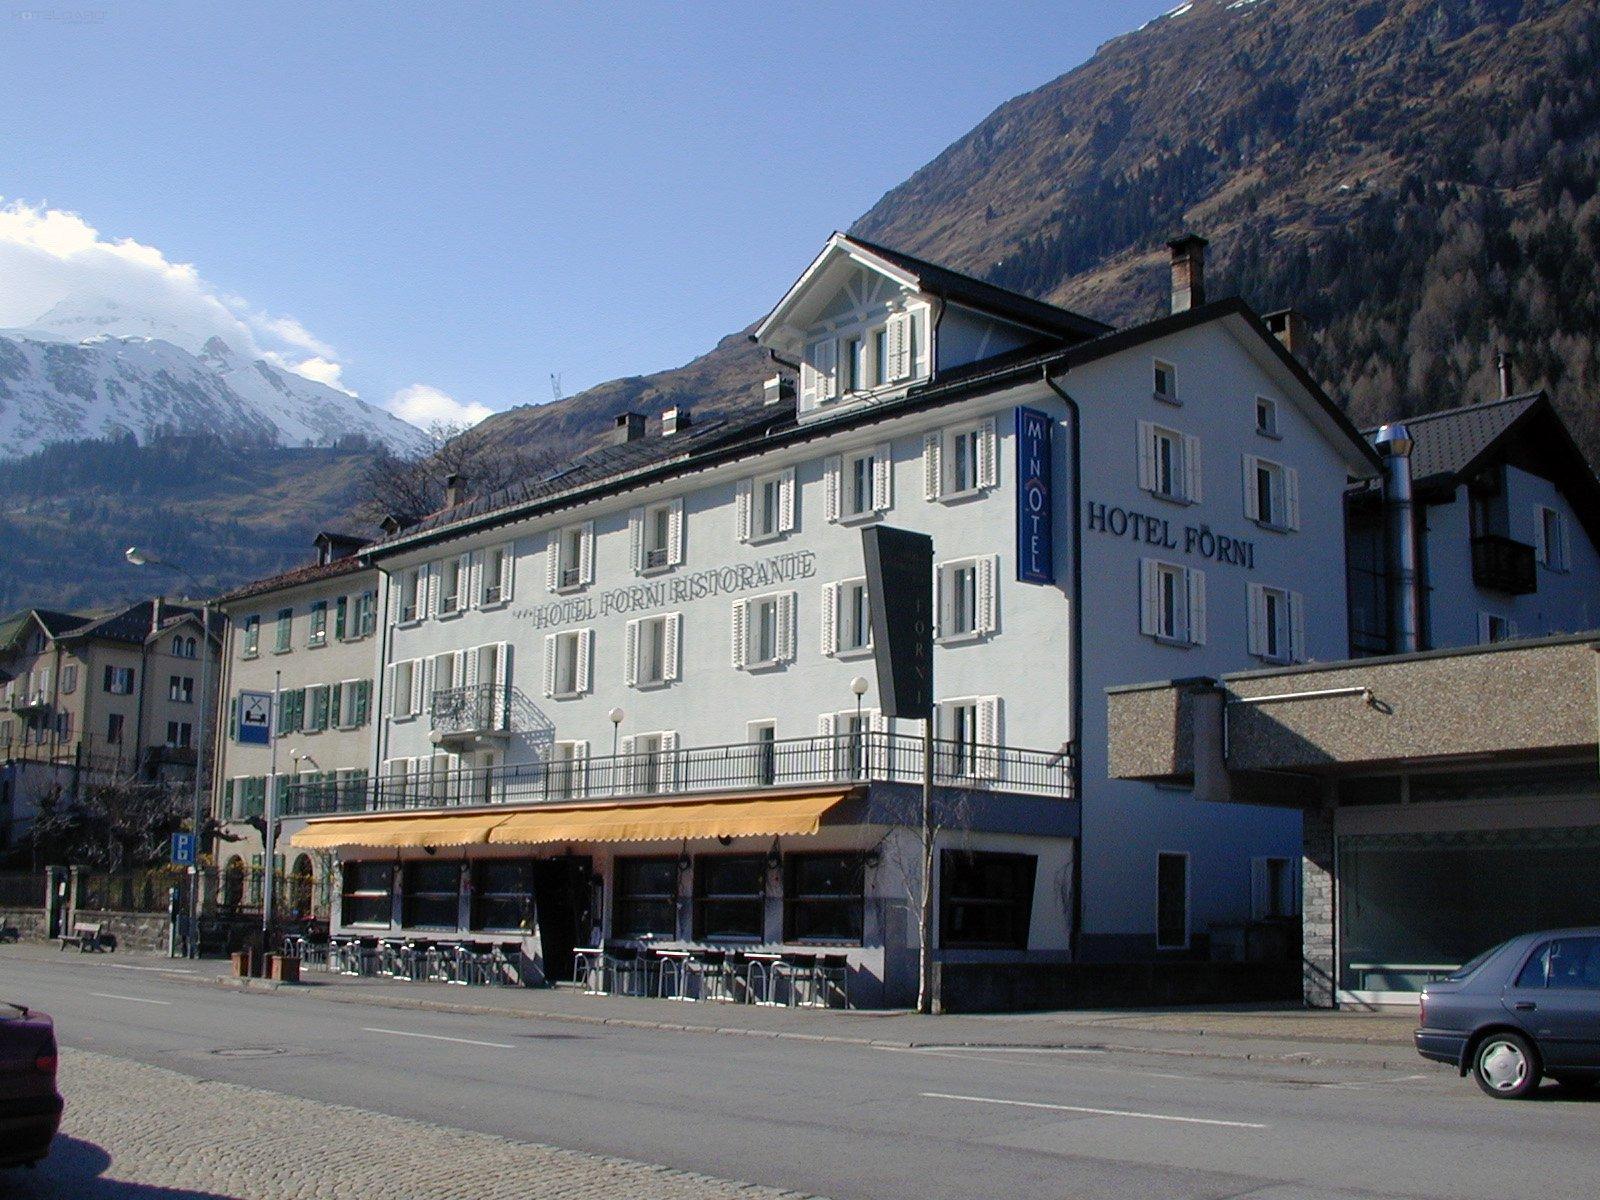 Hotel Forni 0